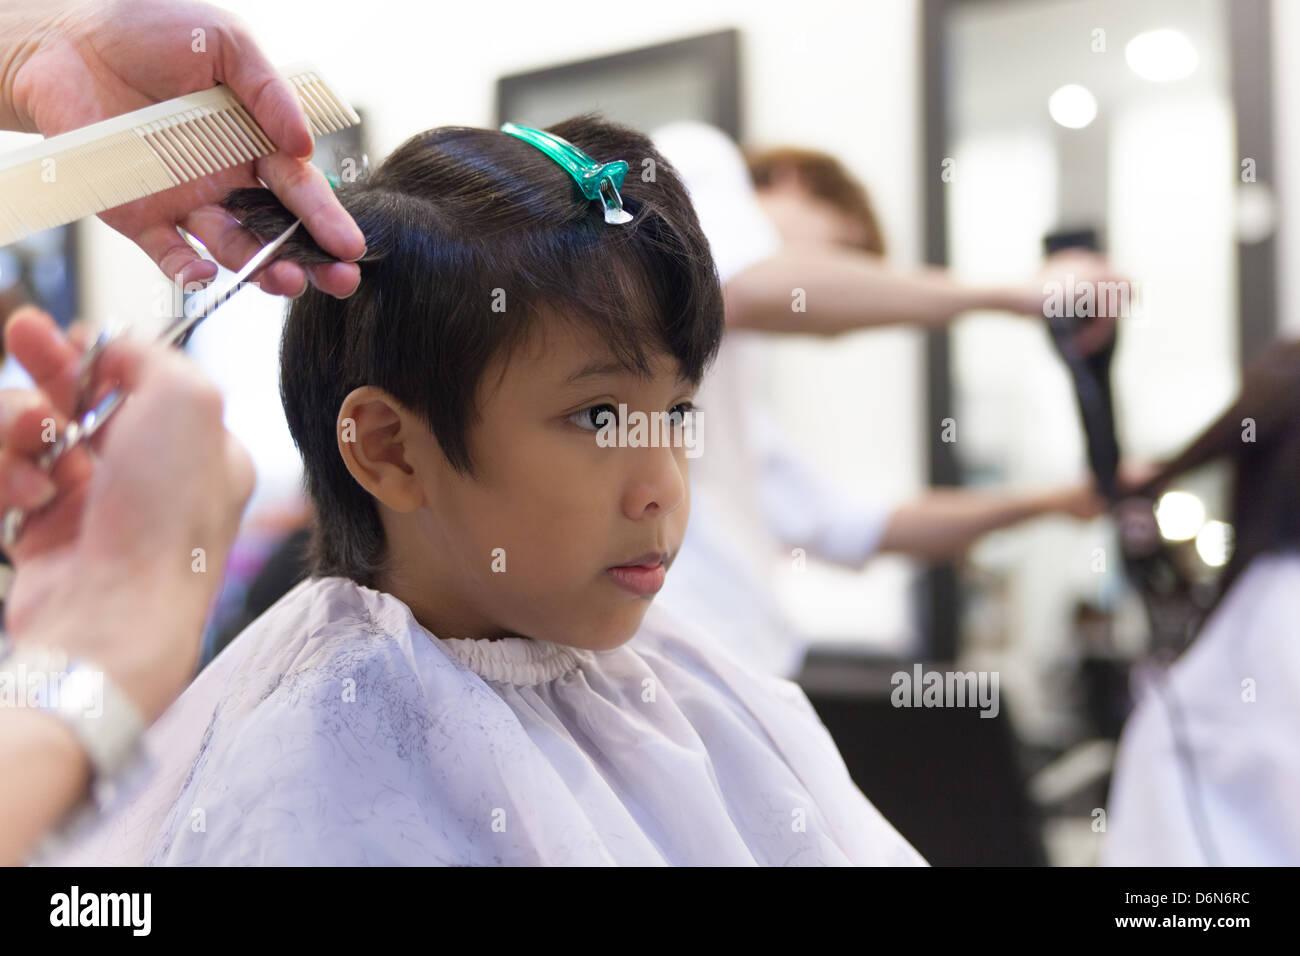 A Young Boy Getting Haircut In Hair Salon